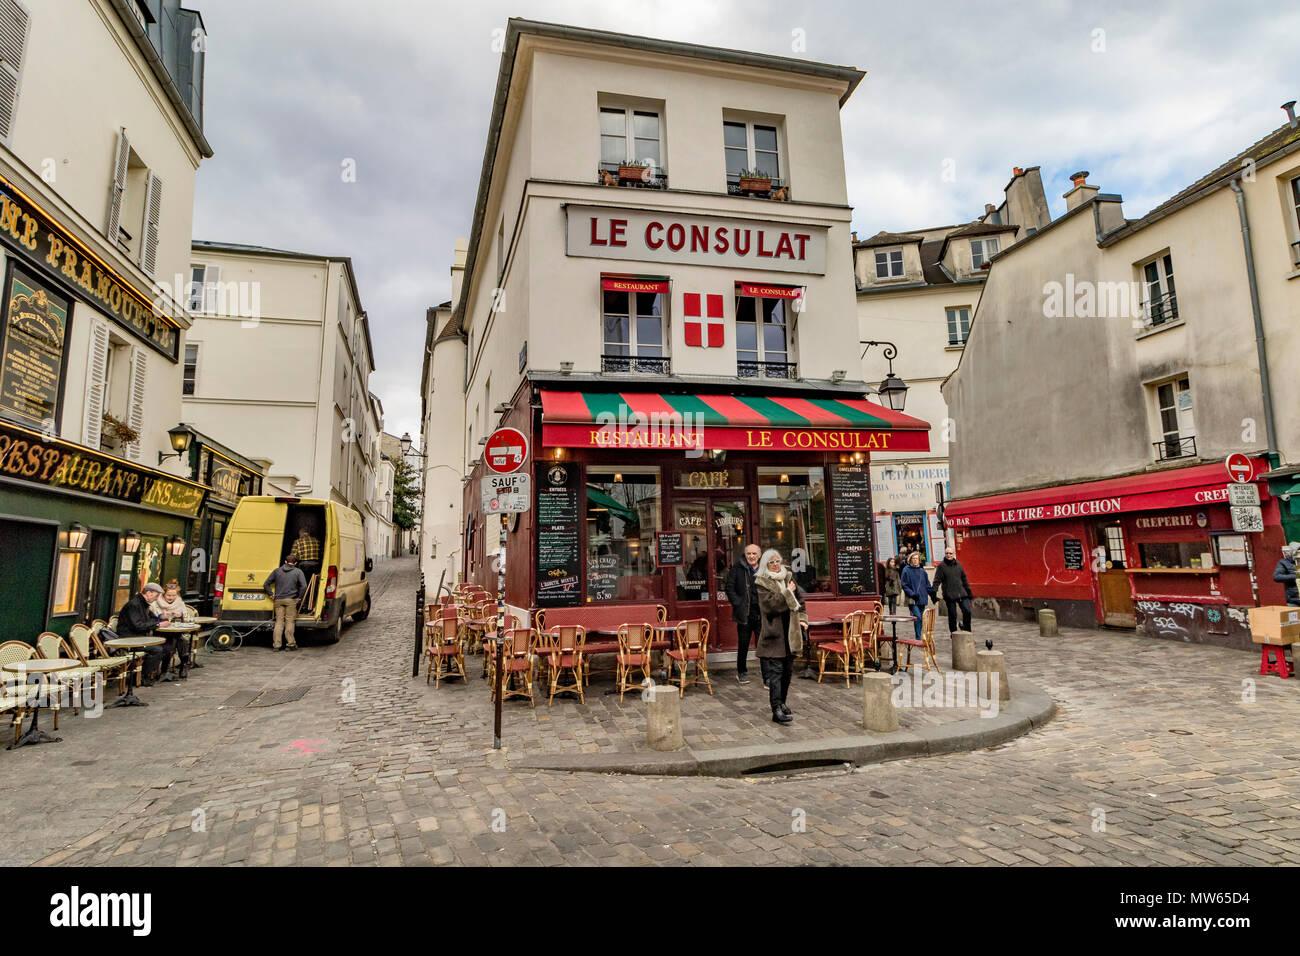 L'hiver à Paris, les touristes et les visiteurs à l'extérieur Le consulat, un restaurant populaire et un café à Montmartre, Paris, France Banque D'Images